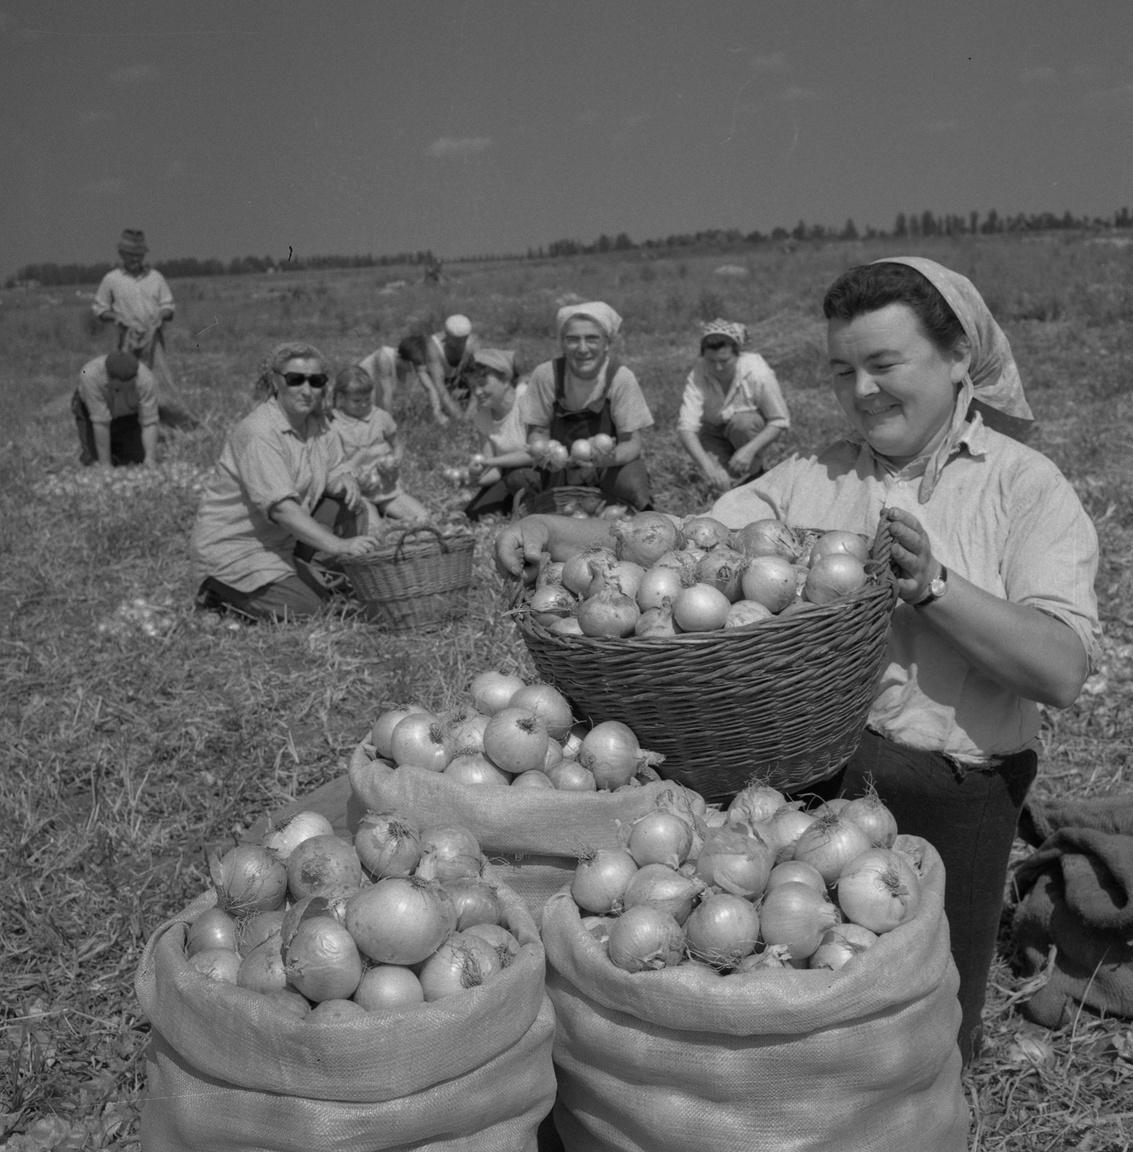 """Hagymát hagymával. A hetvenes években évente 270 ezer tonna vöröshagymát szállítottak Makó környékén a ZÖLDÉRT raktáraiba, ma ennek a töredékét termelik meg. A Kossuth Téesz még ma is létezik, de """"három-négy vagon, ha áll ott összesen hagymával, a nyolcvanas években volt vagy kétszáz is"""" - írtuk a jó eltarthatóságától híres makói hagyma hanyatlásáról. A kisüzemi tájkultúrából kifejlődött hagymatermelésnek az egyik csúcsa volt ez az időszak."""